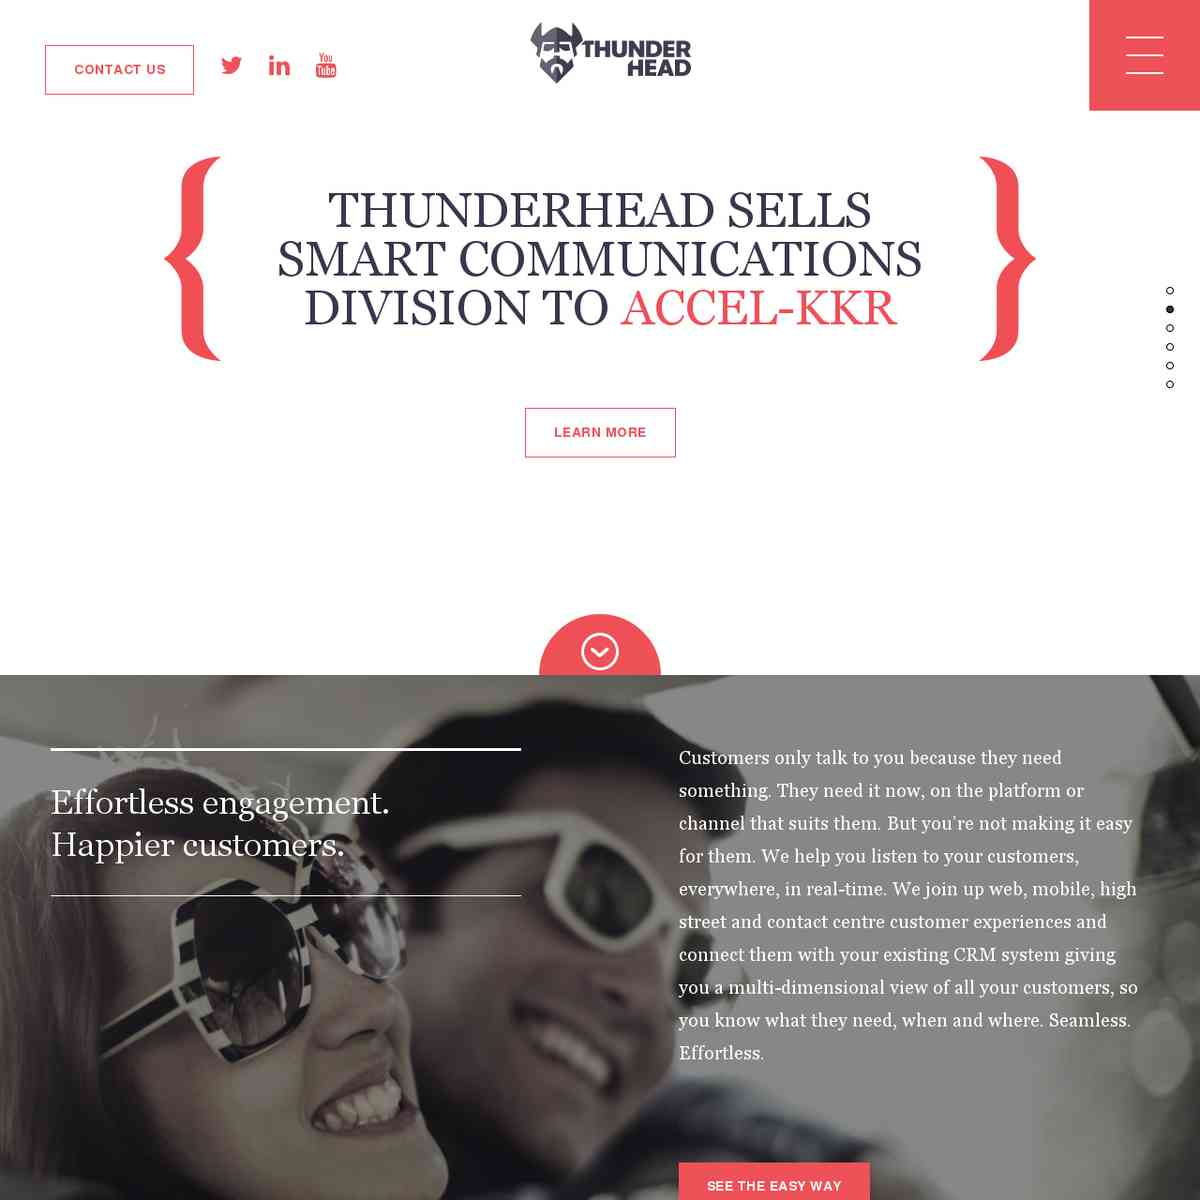 thunderhead.com